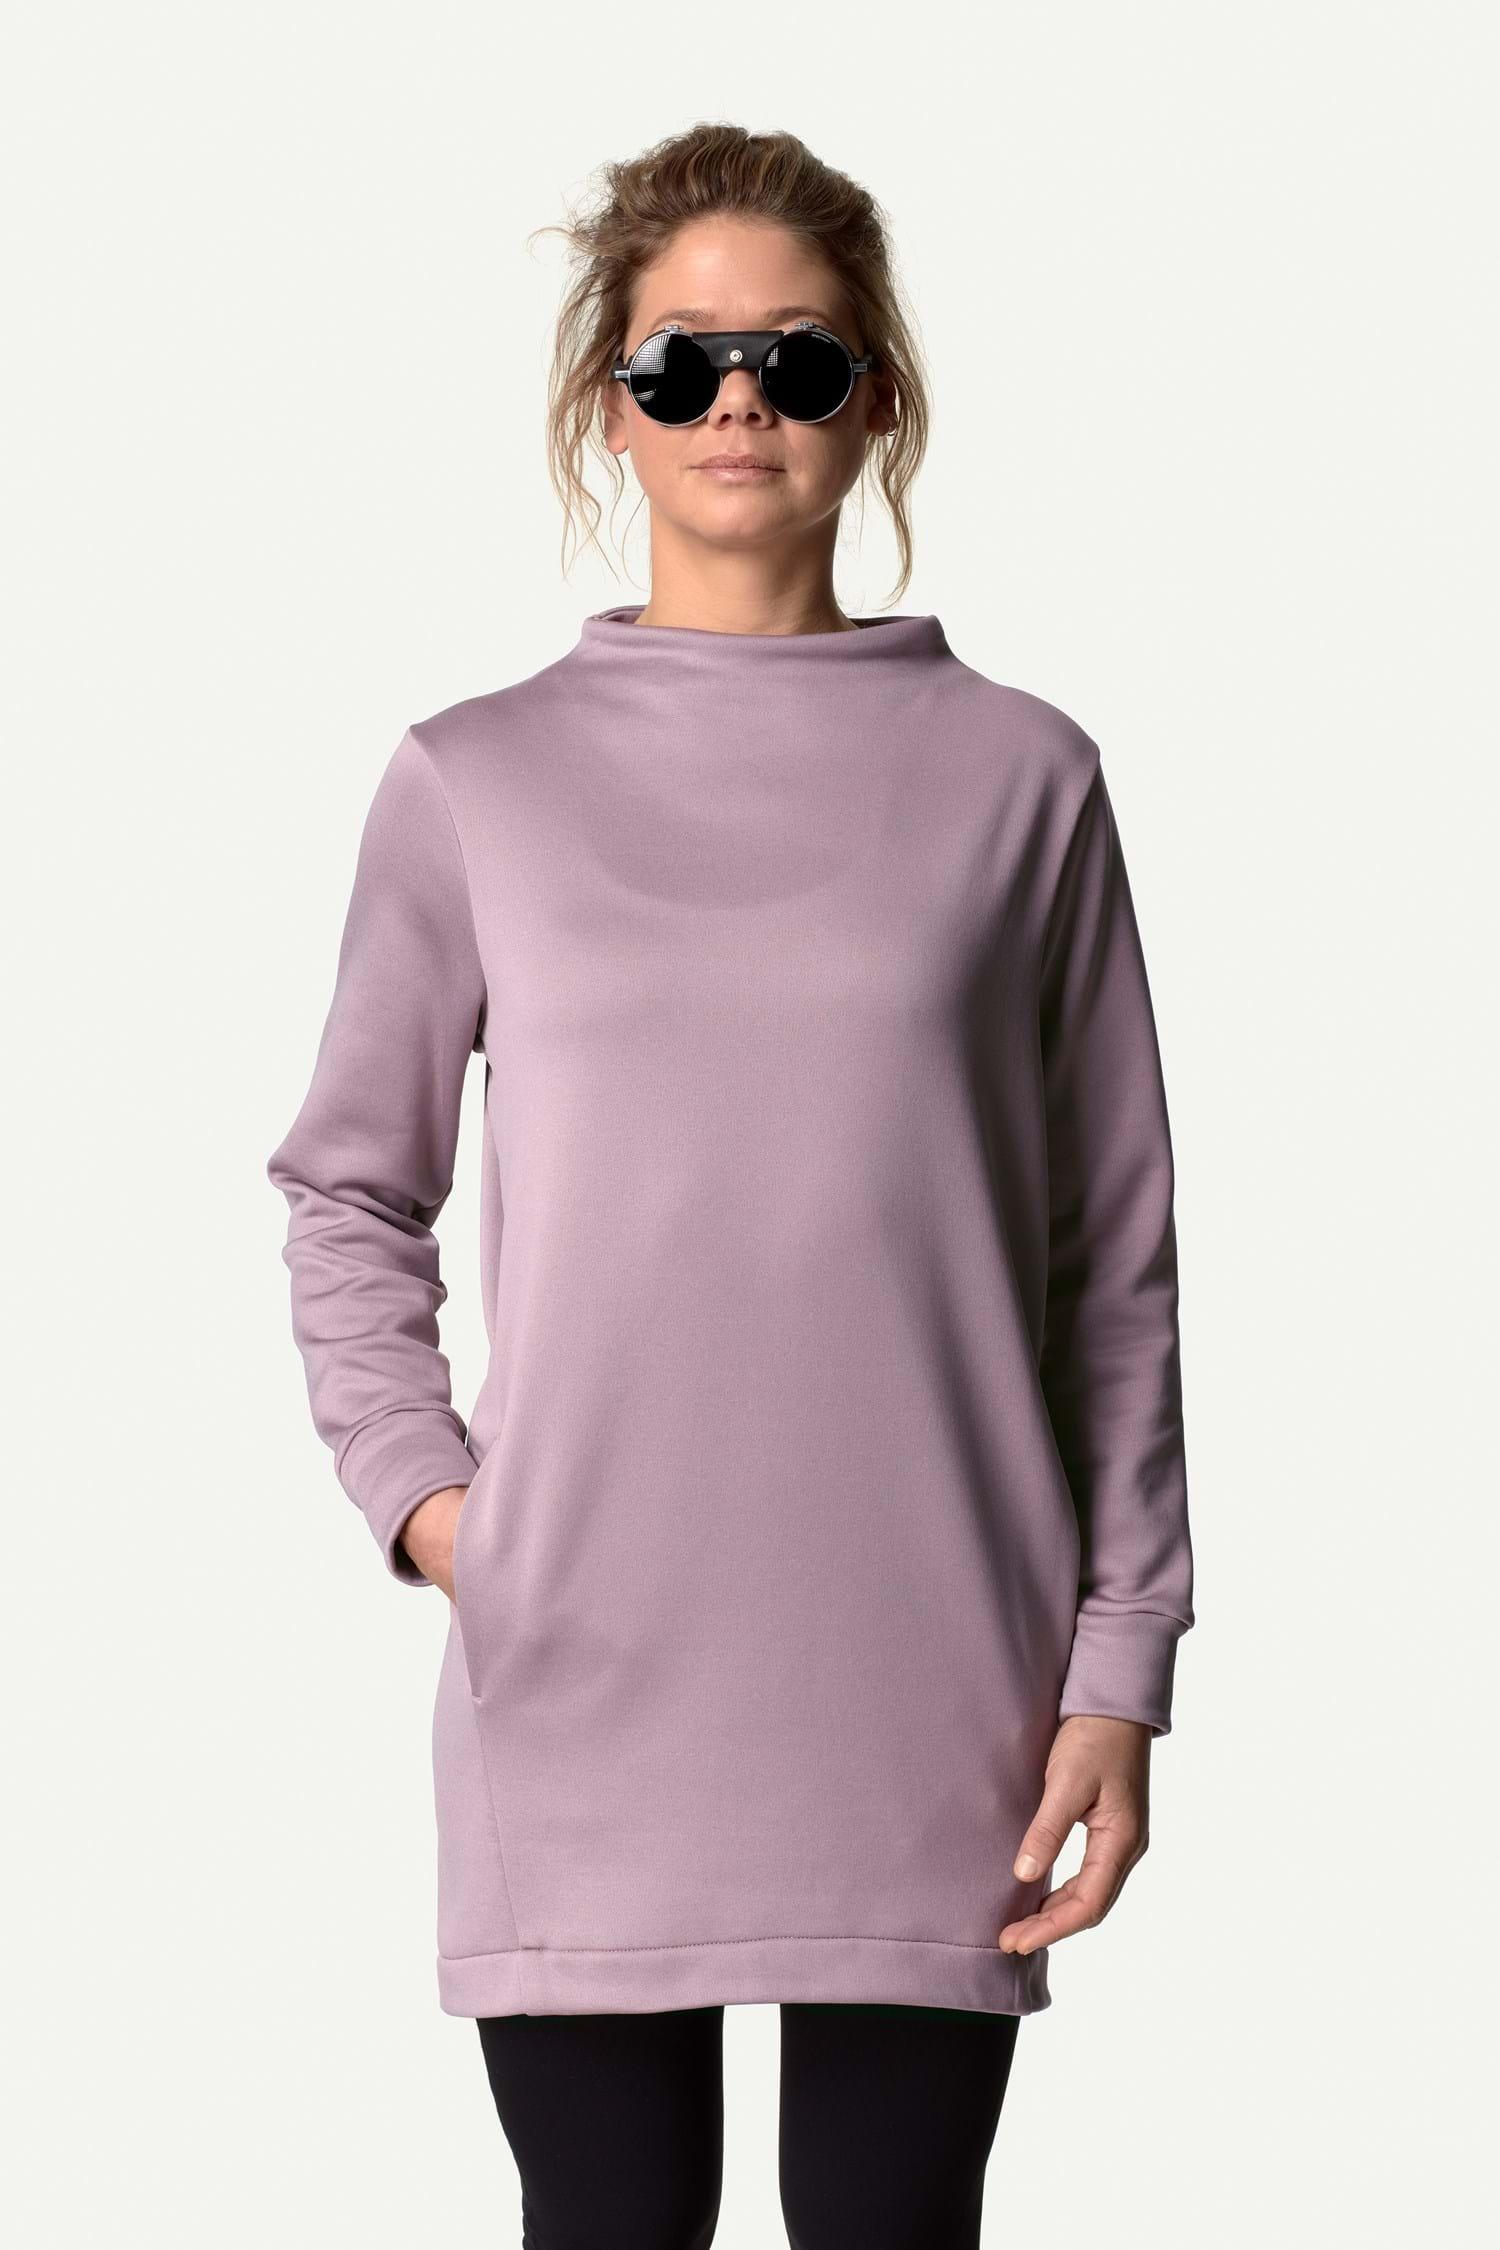 Handla damklänningar och kjolar på Houdini Sportswear